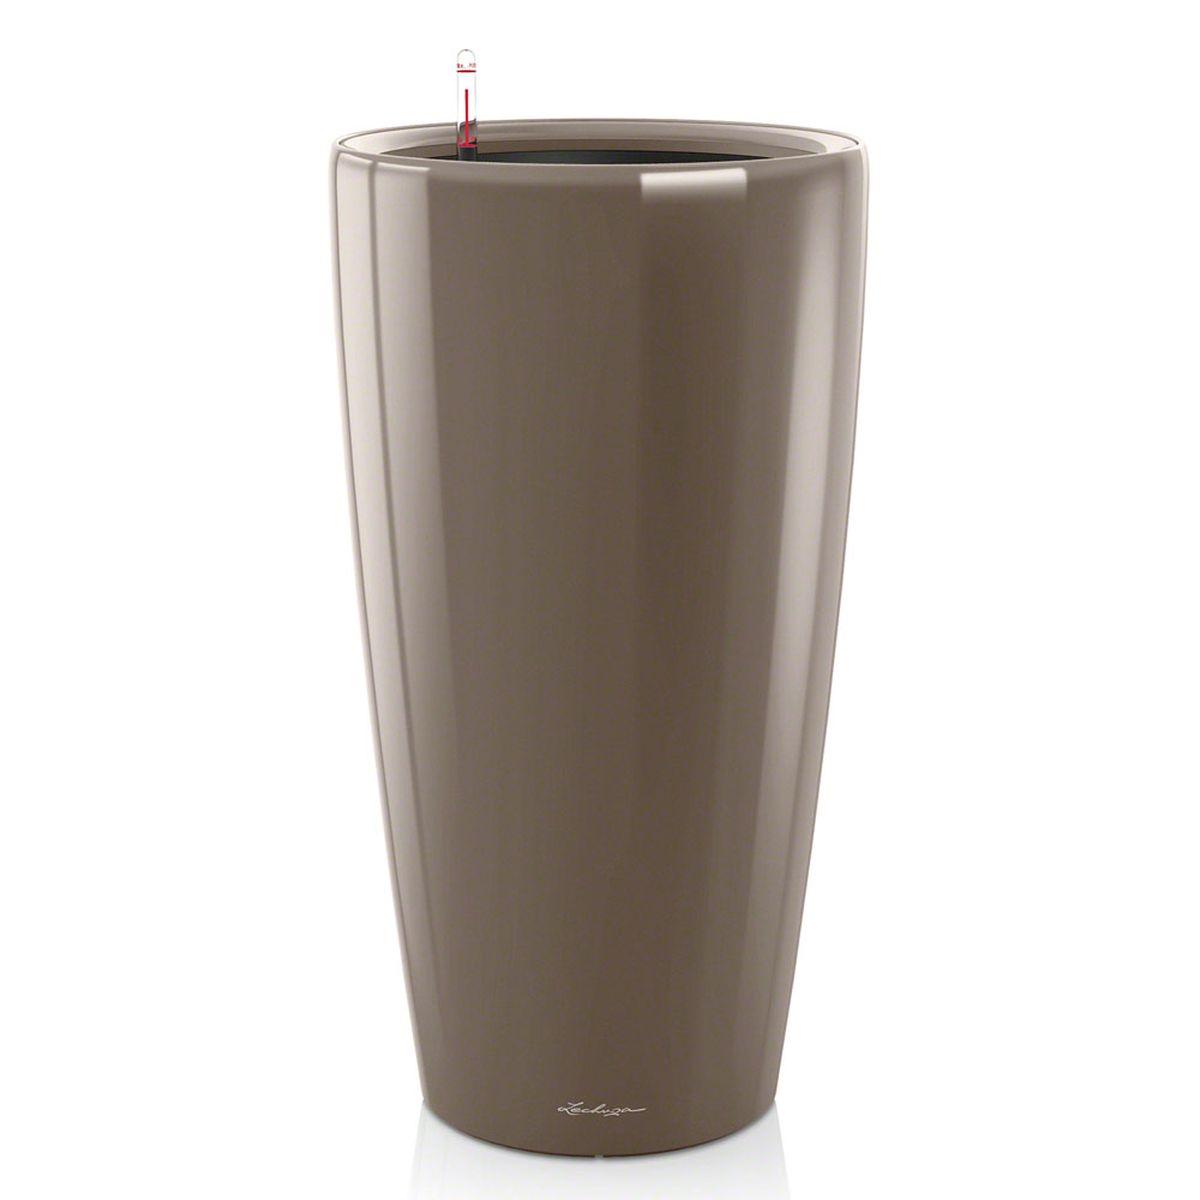 Кашпо Lechuza Rondo, с системой автополива, цвет: серо-коричневый, диаметр 40 см15744Кашпо Lechuza Rondo, изготовленное извысококачественного пластика, идеальное решение для тех,кто регулярно забывает поливать комнатные растения.Стильный дизайн позволит украсить растениями офис, кафеили любое другое помещение.Кашпо Lechuza Rondo с системой автополиваупростит уход за вашими цветами и поможет растениямполучать то количество влаги, которое им необходимо вданный момент времени. В набор входит: кашпо, внутренний горшок, индикатор уровняводы, вал подачи воды, субстрат растений в качестведренажного слоя, резервуар для воды. Внутренний горшок, оснащенный выдвижными ручками,обеспечивает: - легкую переноску даже высоких растений; - легкую смену растений; - можно также просто убрать растения на зиму; - винт в днище позволяет стечь излишней дождевой воденаружу. Кашпо Lechuza Rondo украсит любой интерьер истанет замечательным подарком для ваших родных иблизких.